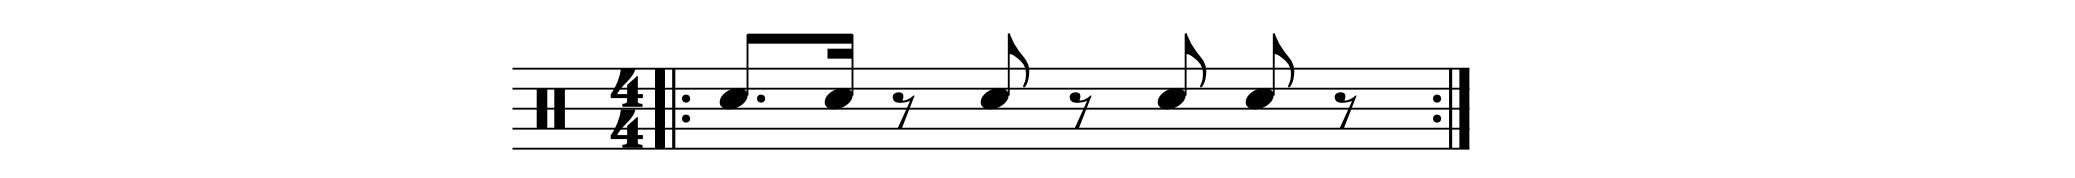 Chameleon drum transcription